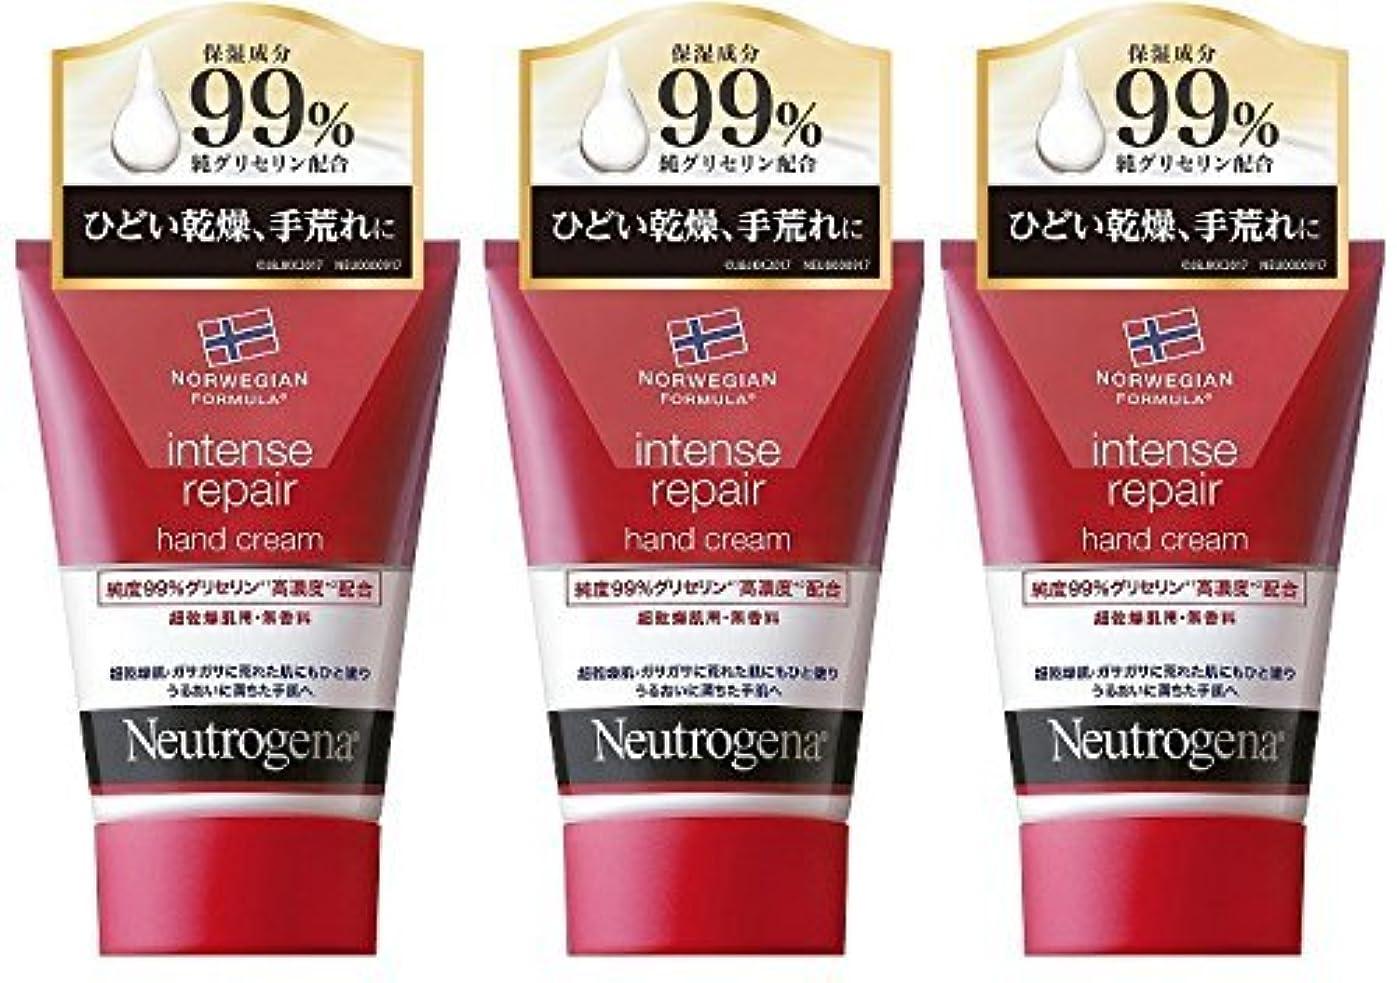 便利さ乱れ分解する【まとめ買い】Neutrogena(ニュートロジーナ) ノルウェーフォーミュラ インテンスリペア ハンドクリーム 超乾燥肌用 無香料 50g×3個